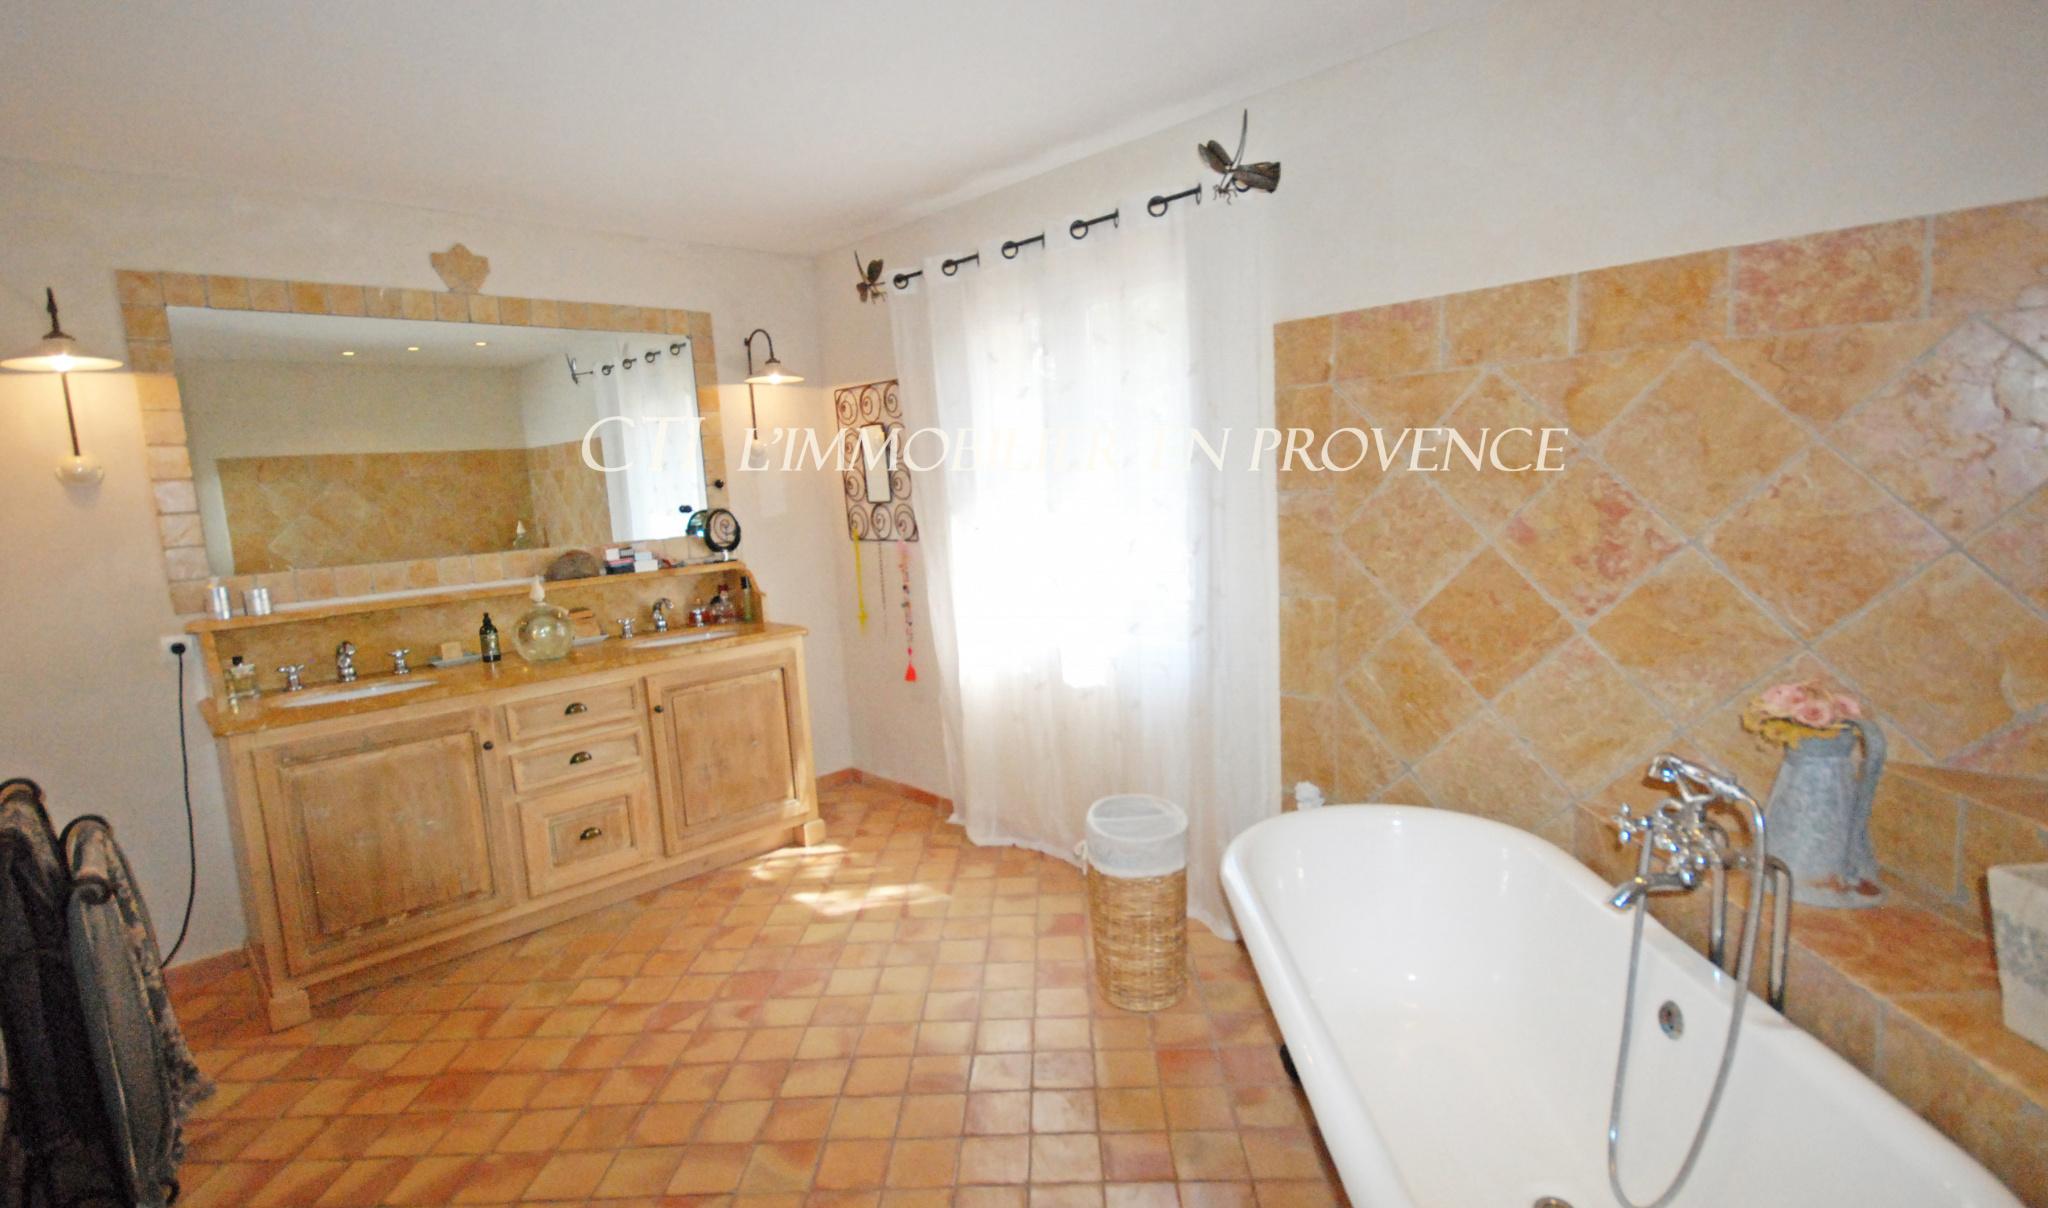 0 www.cti-provence.net BASTIDE PROVENCALE  TERRAIN CLOS PINEDE GARAGE UCHAUX PLEIN SUD BEAUX VOLUMES